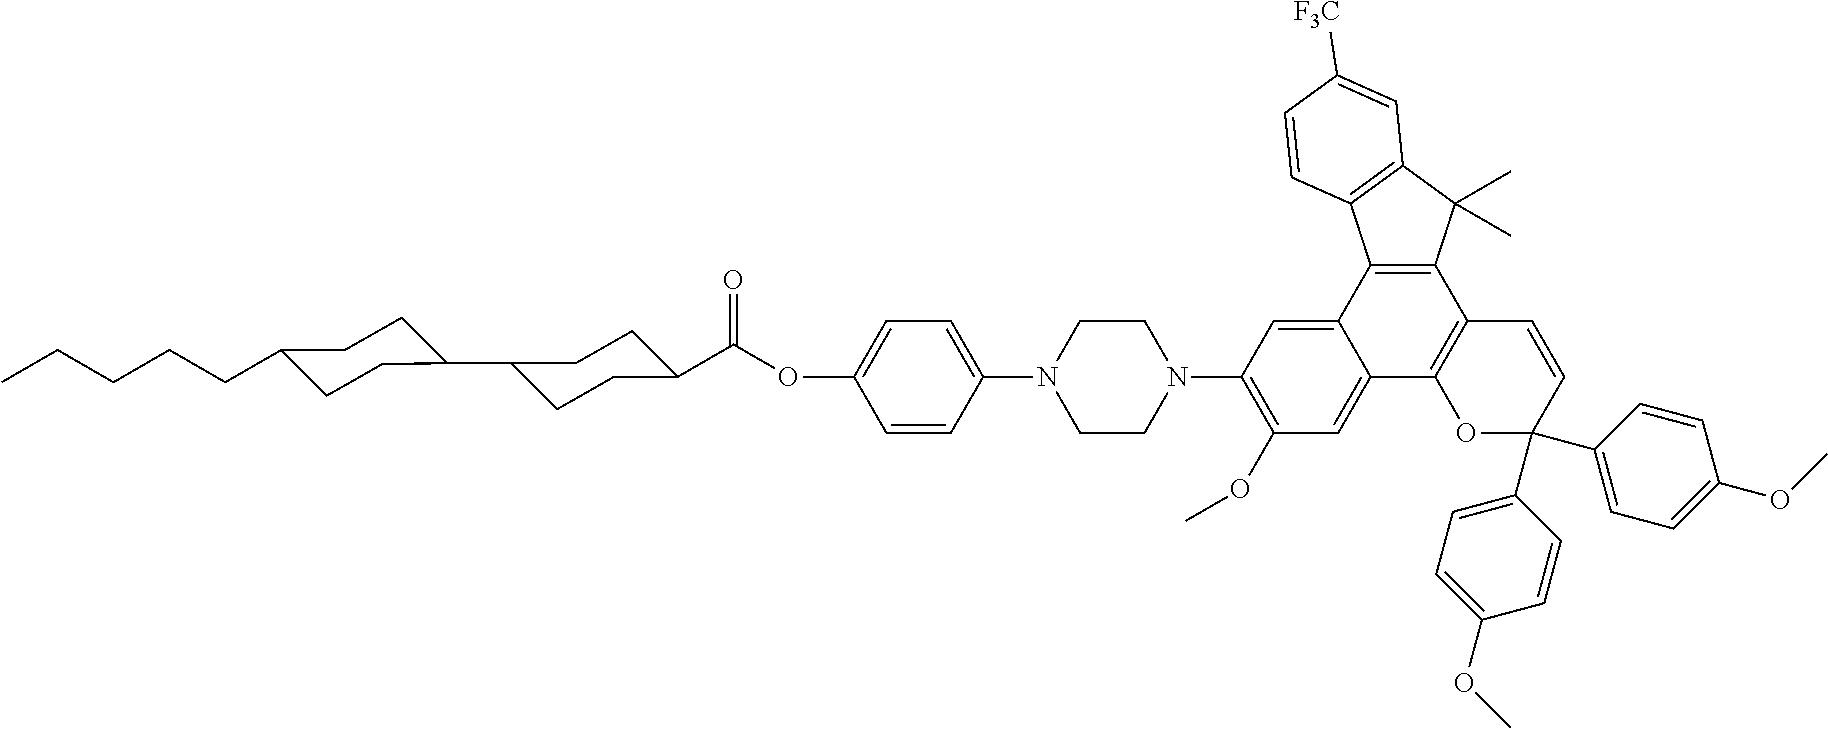 Figure US08518546-20130827-C00072